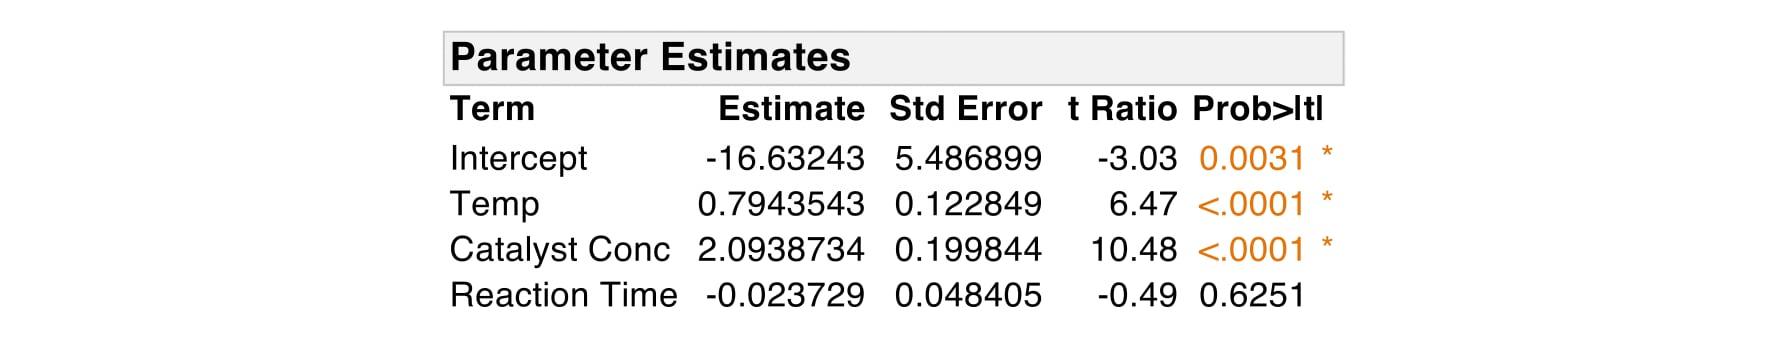 mlr-impurity-parameter-estimates